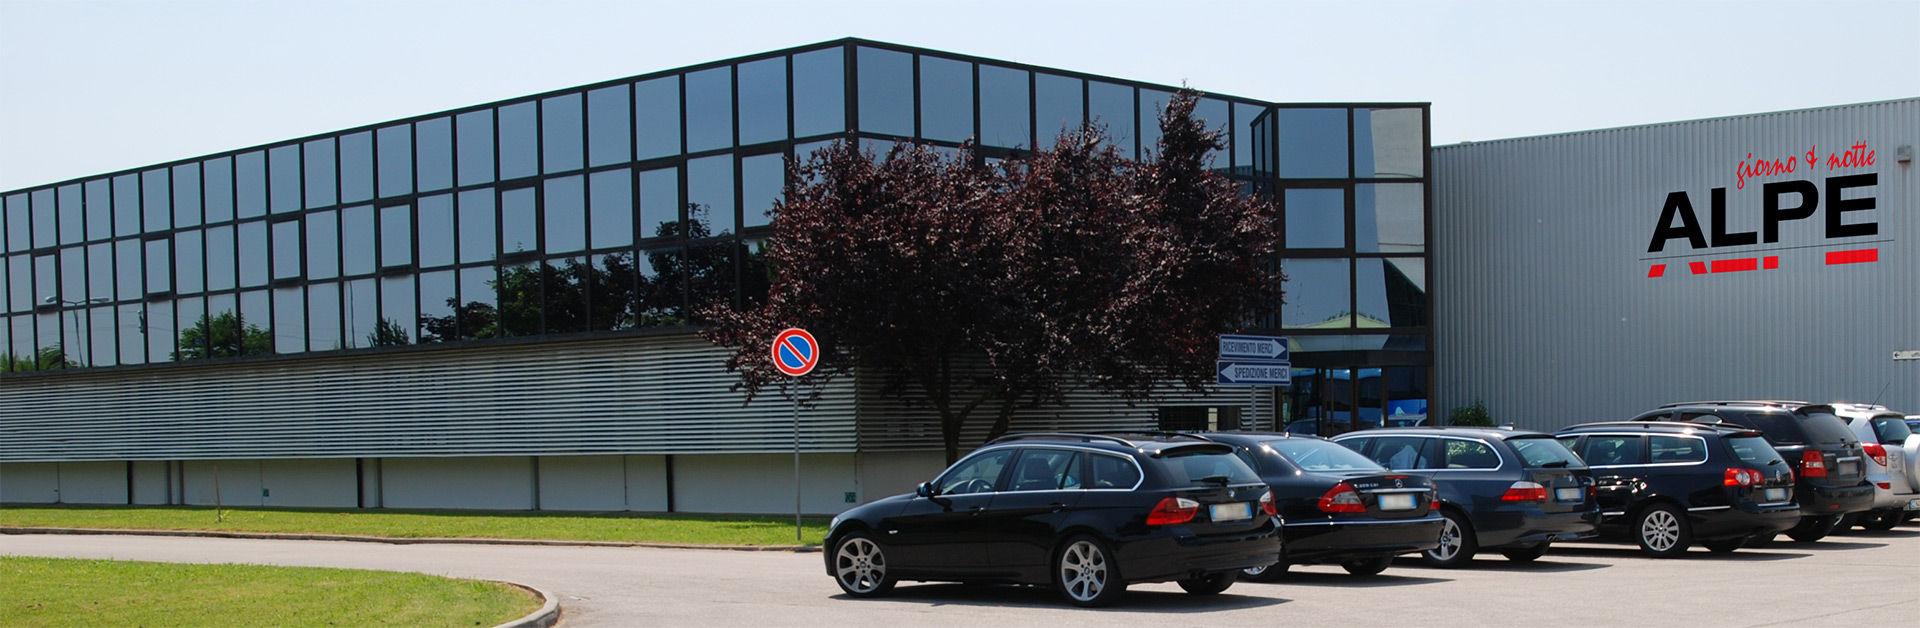 Alpe arredamenti produzione soggiorni e camere da letto for Alpe arredamenti catalogo